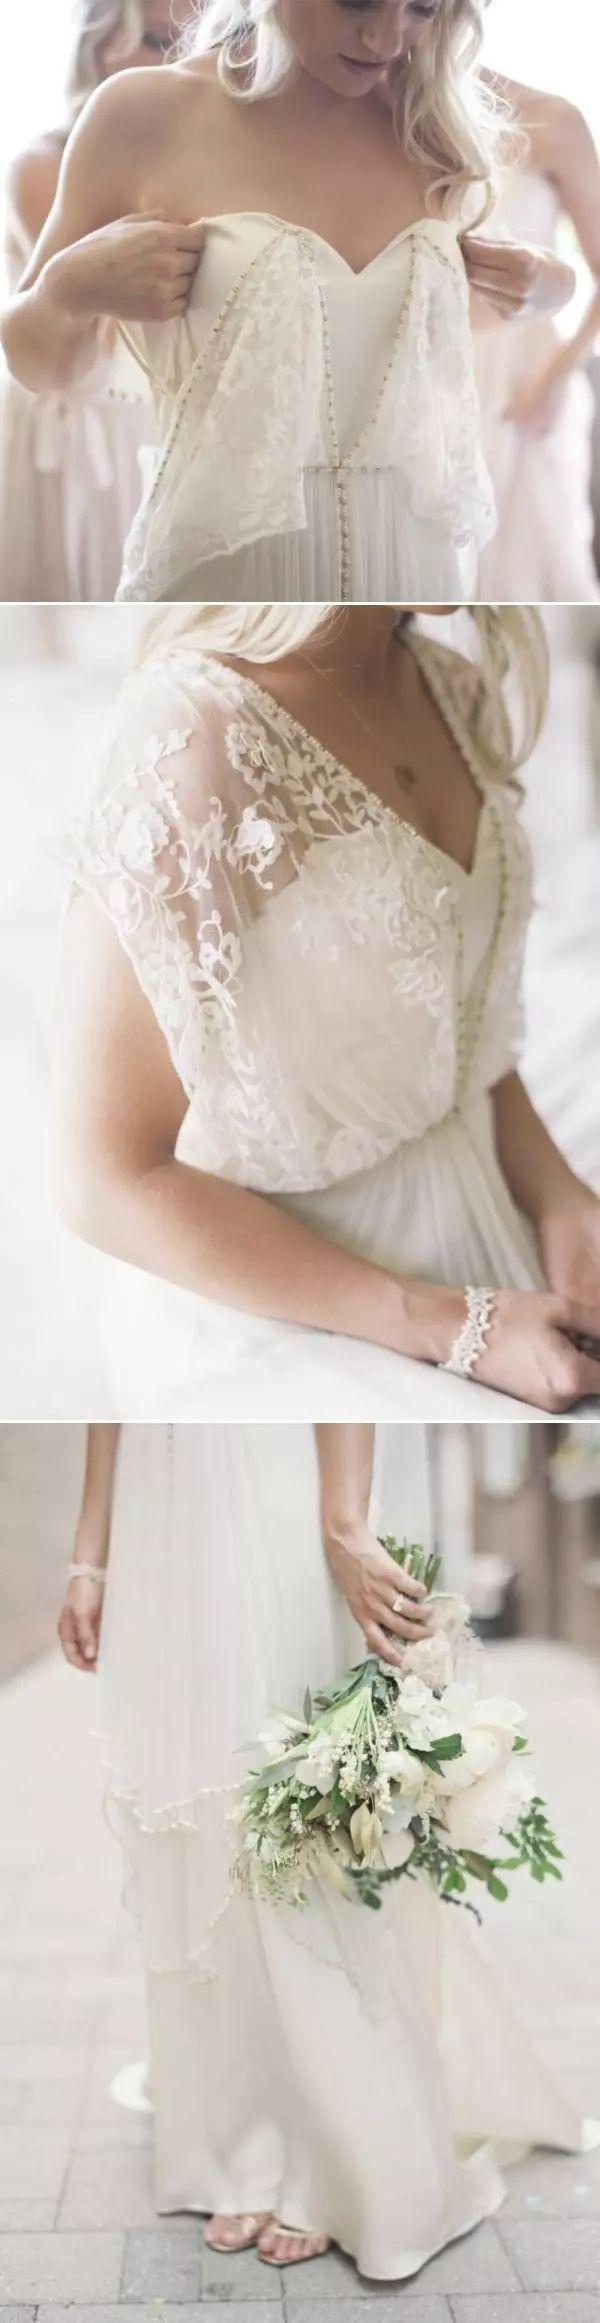 Top 20 Vintage Wedding Dresses for 2019 Trends